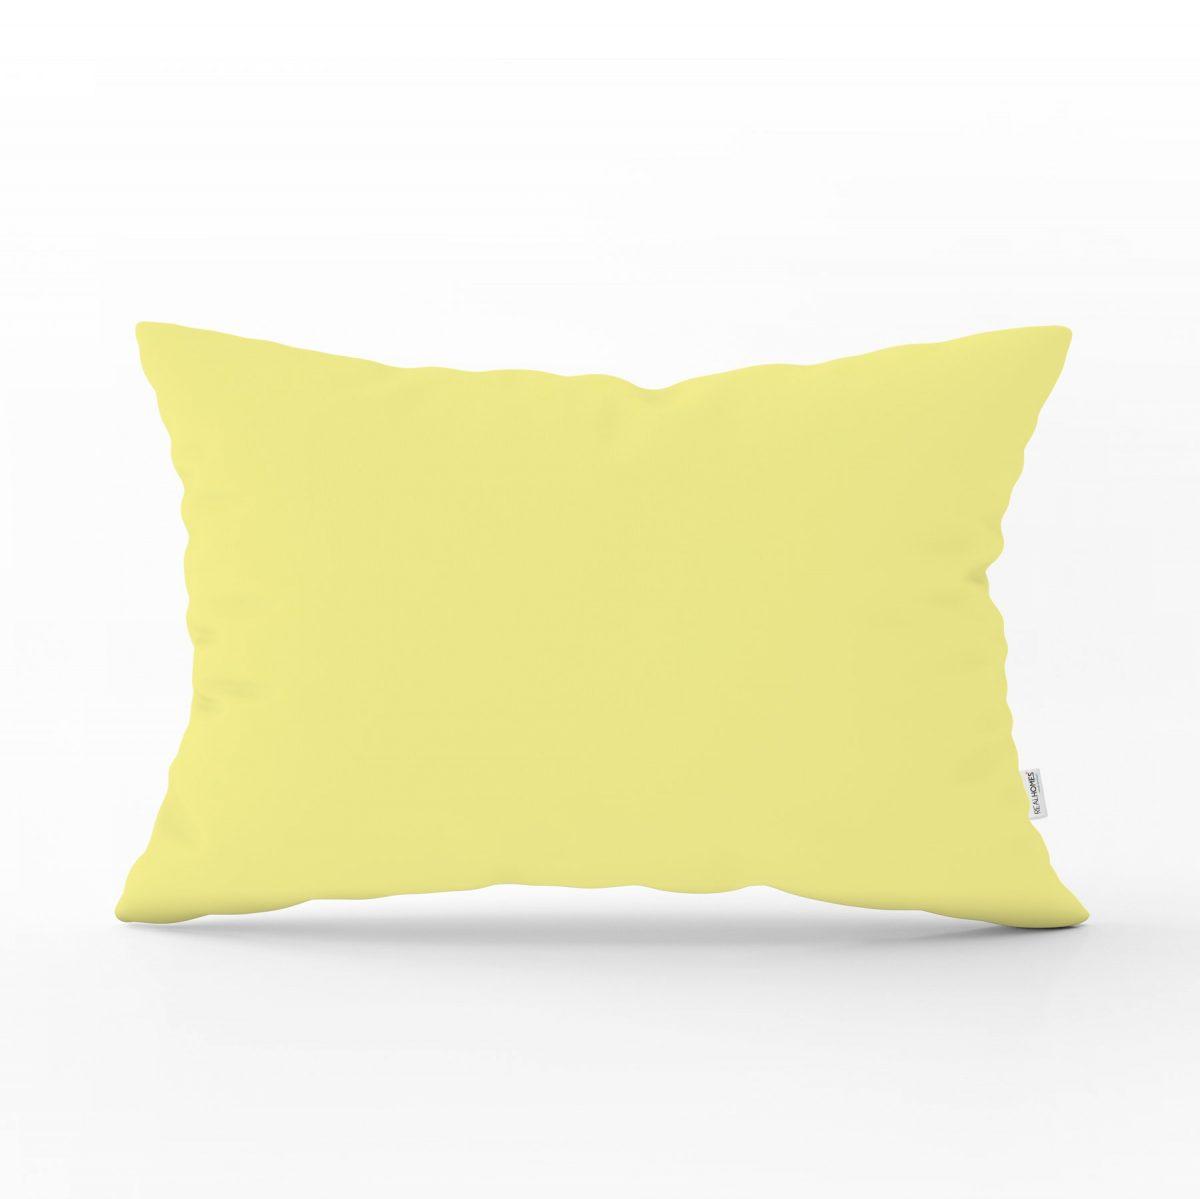 Sarı Renkli Dijital Baskılı Dekoratif Dikdörtgen Yastık Kırlent Kılı Realhomes